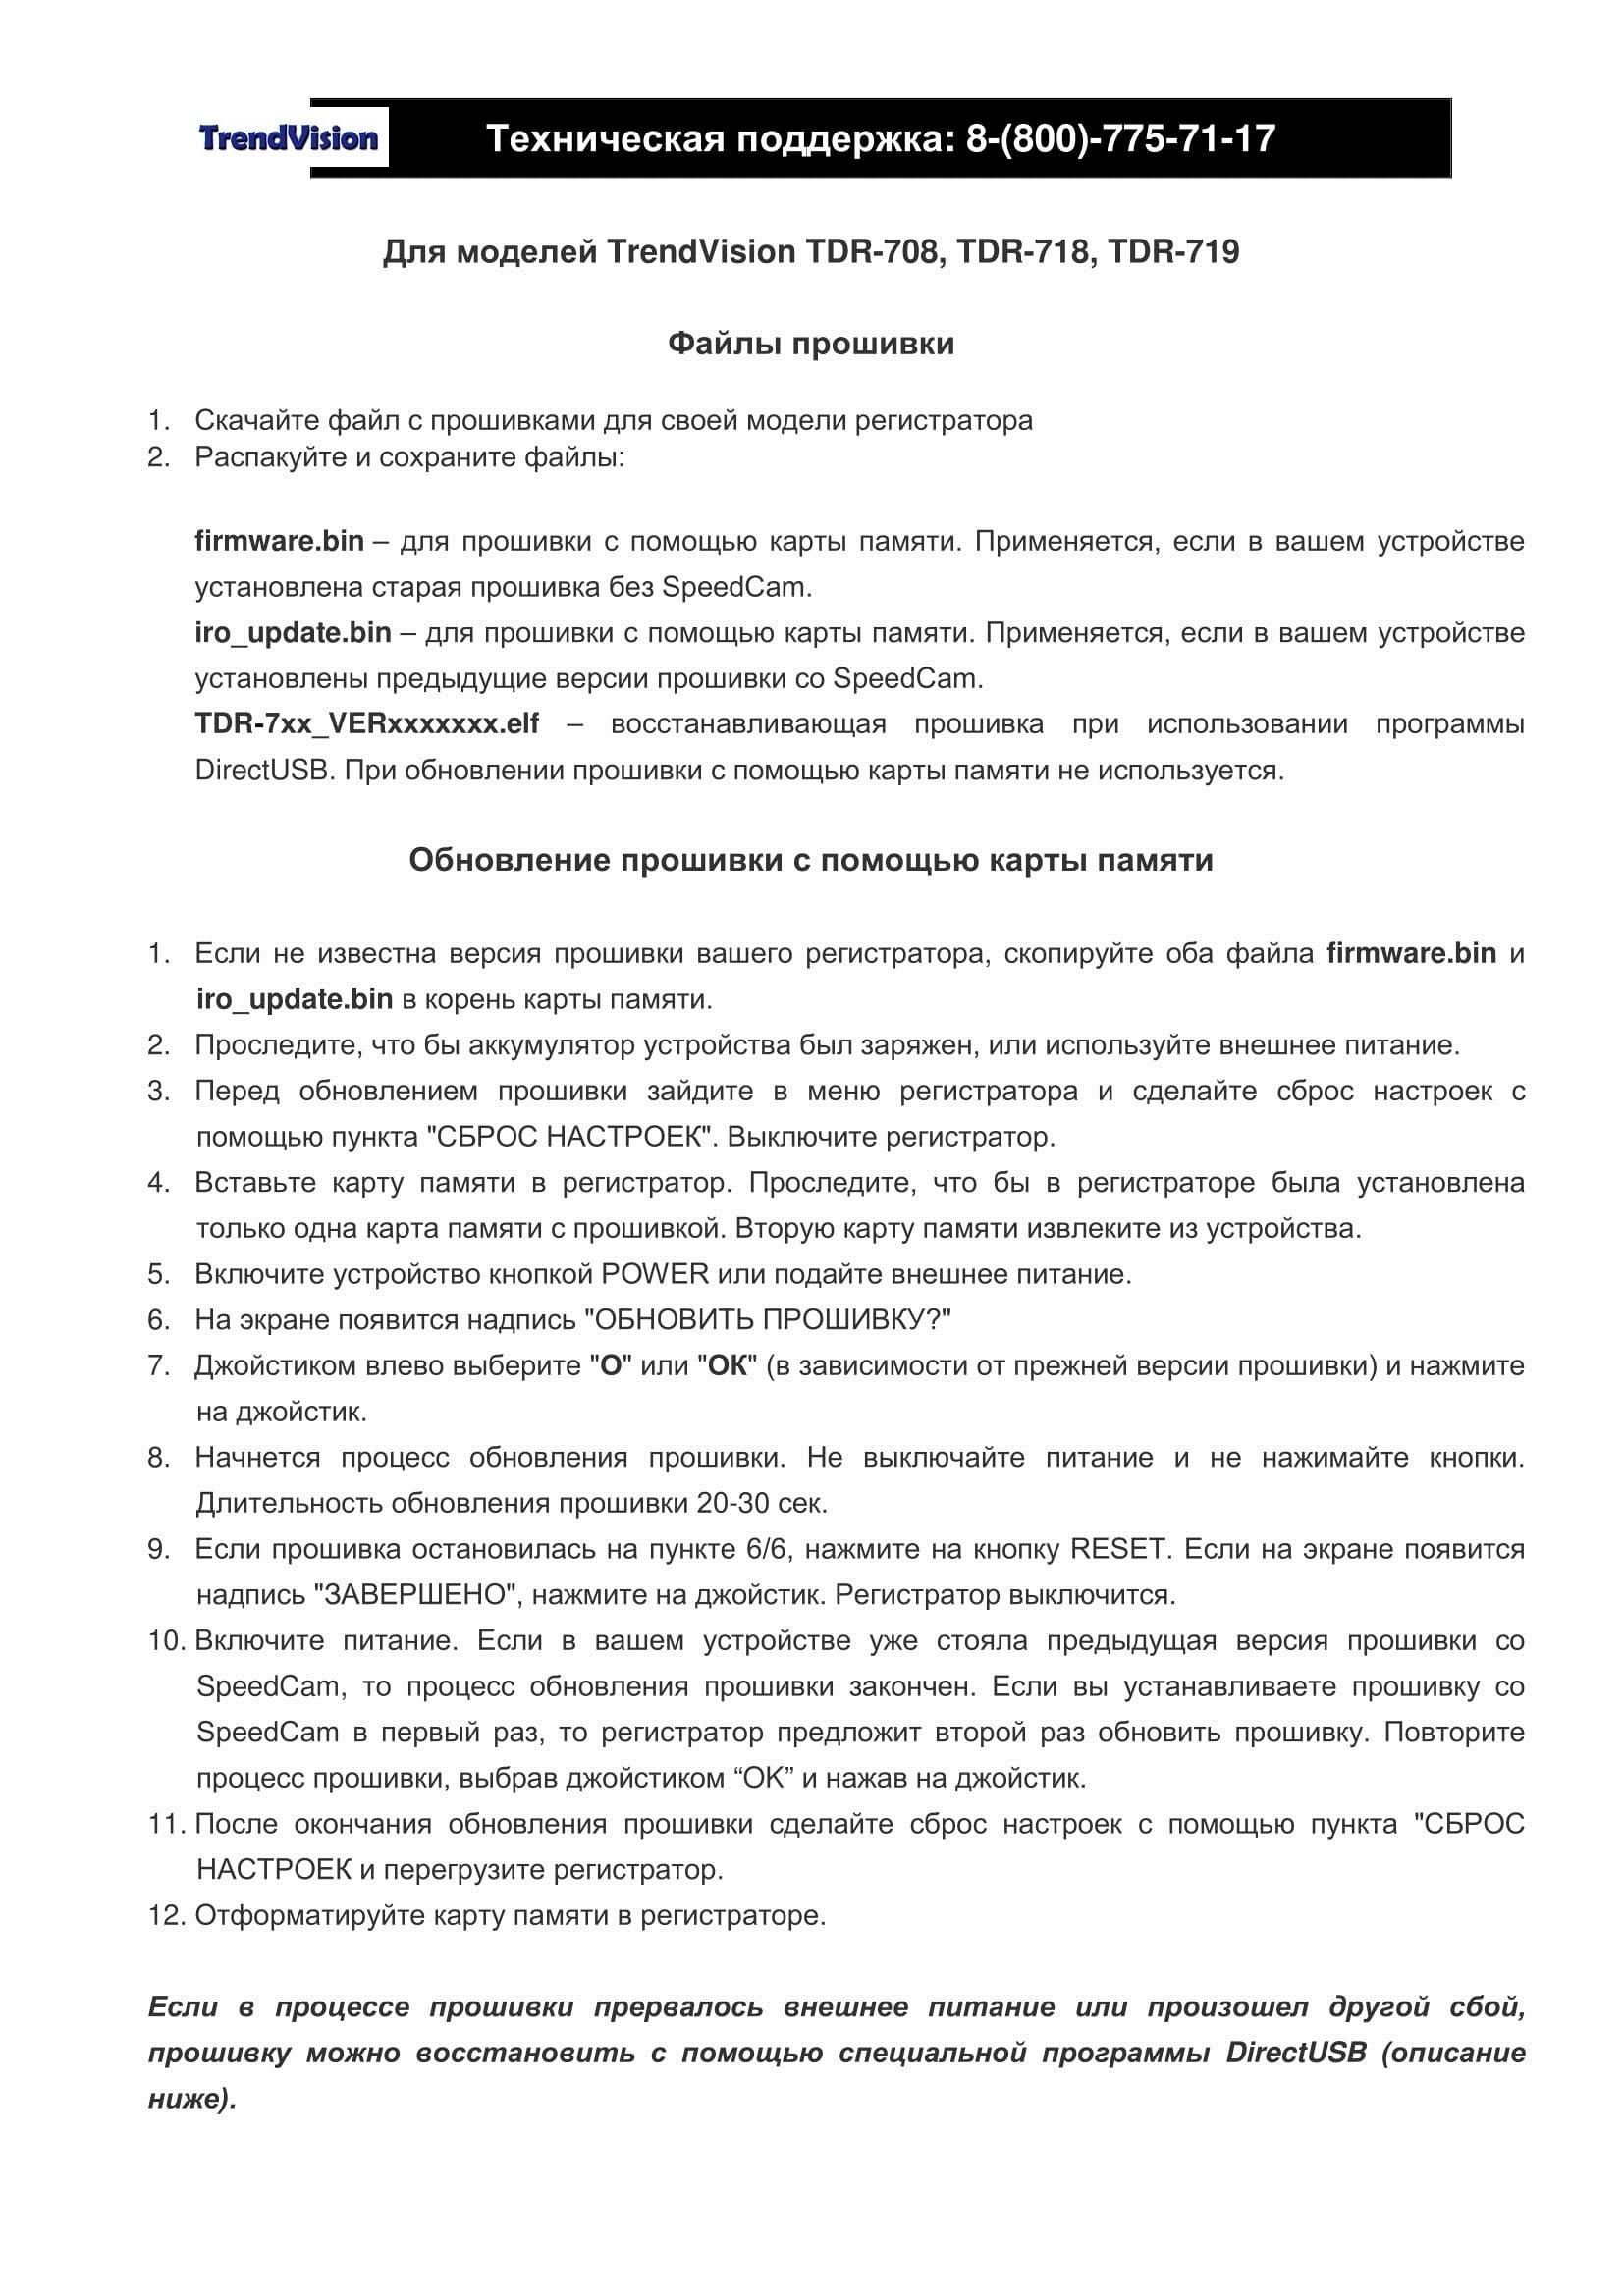 инструкция_по_прошивке_TDR-708, 718, 719.jpg